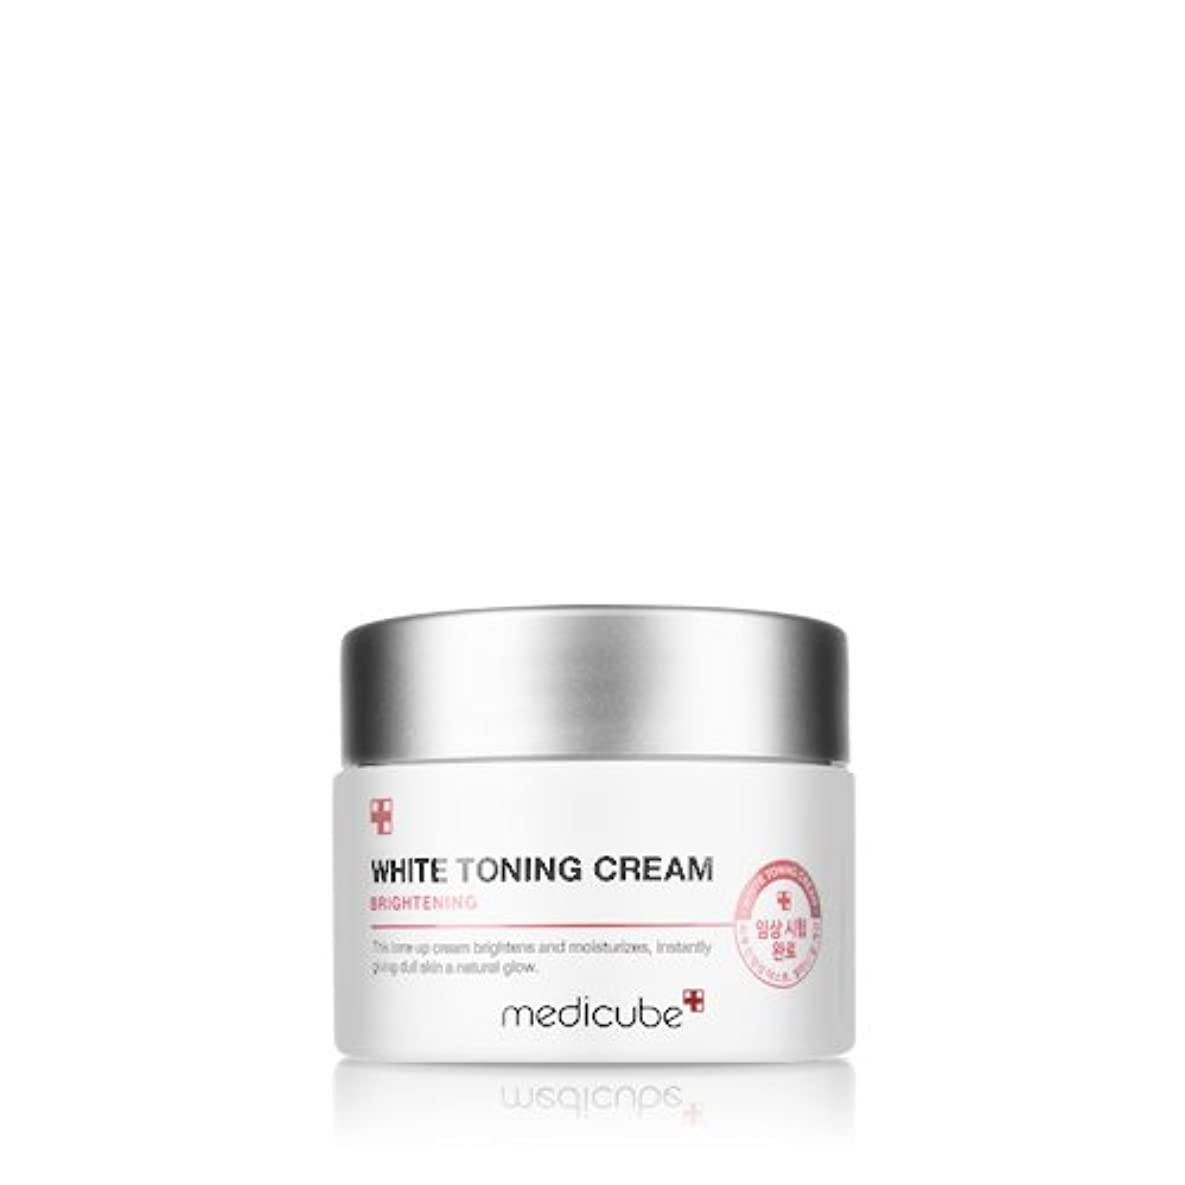 ティームオーナメントレンド[Medicube] WHITE TONING CREAM / メディキューブ ホワイトトーニングクリーム / 正品?海外直送商品